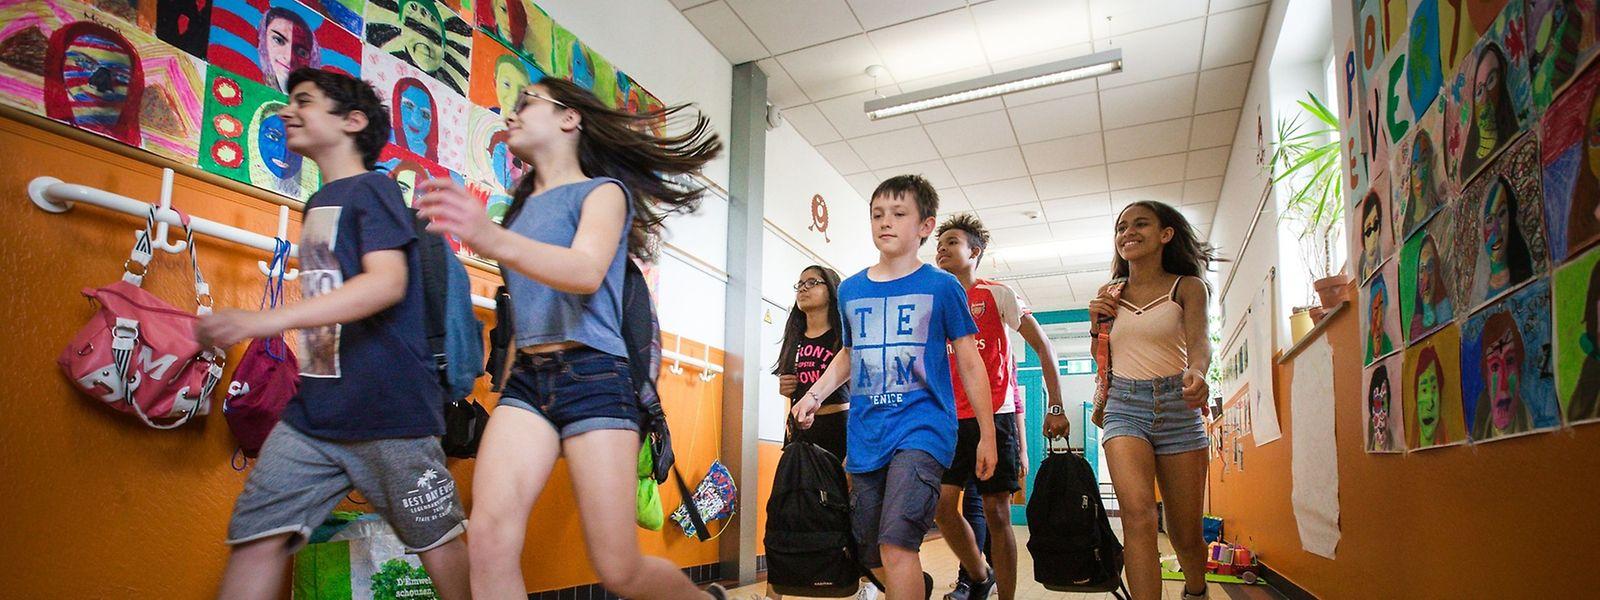 Le 15 septembre, tous les élèves du Luxembourg feront leur rentrée